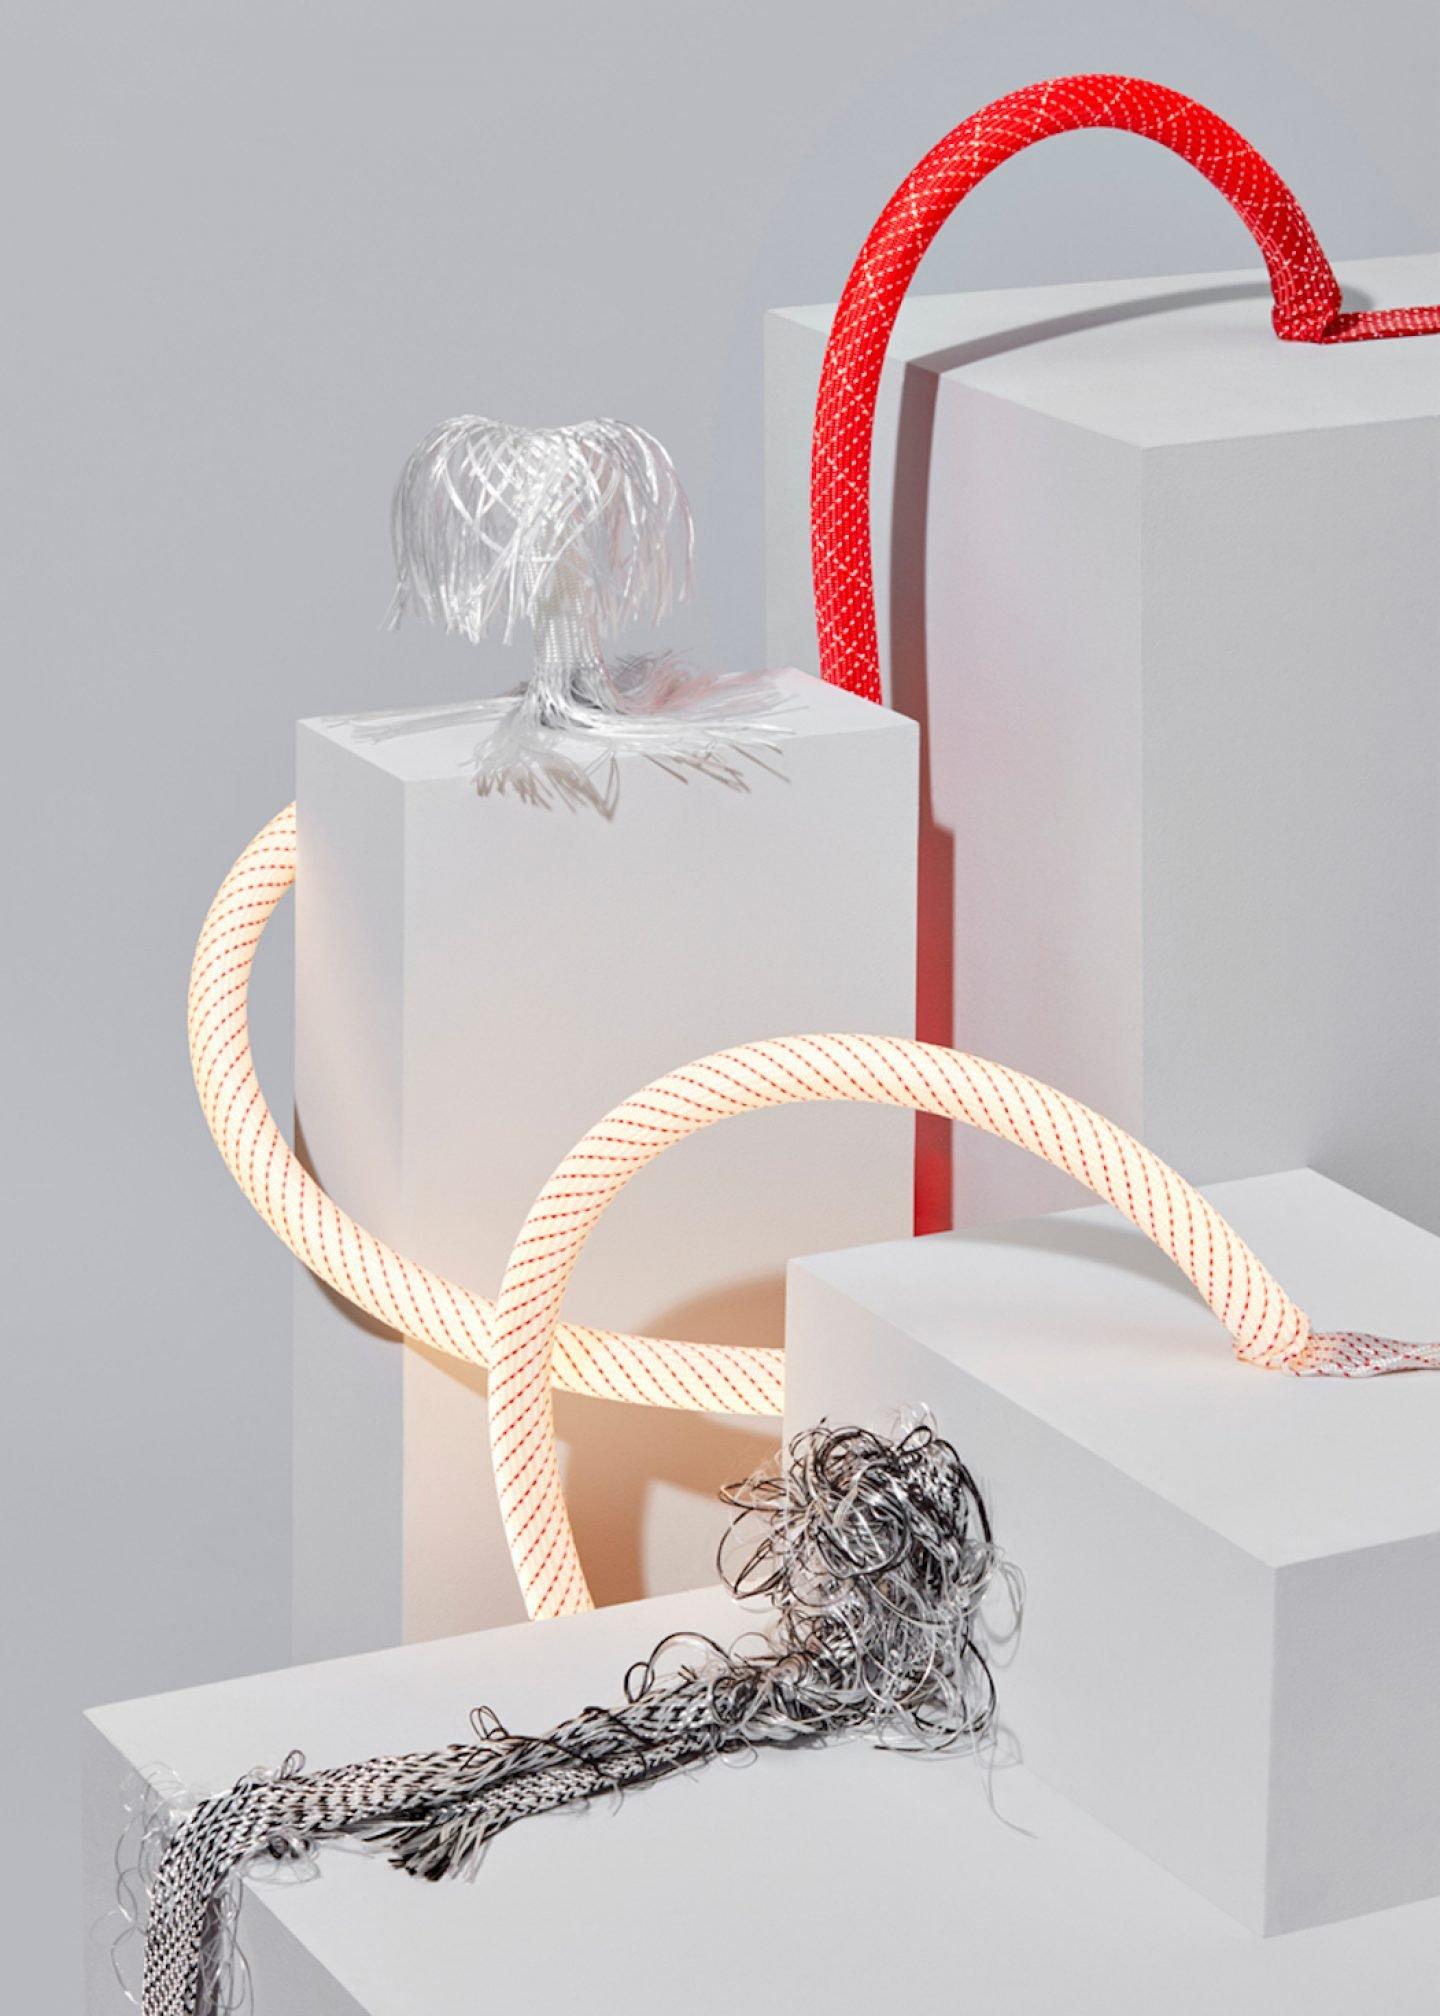 Envisions_Exhibition_Design__9_1470058515_4b32c692de7cb969279ee4f173a8ead2